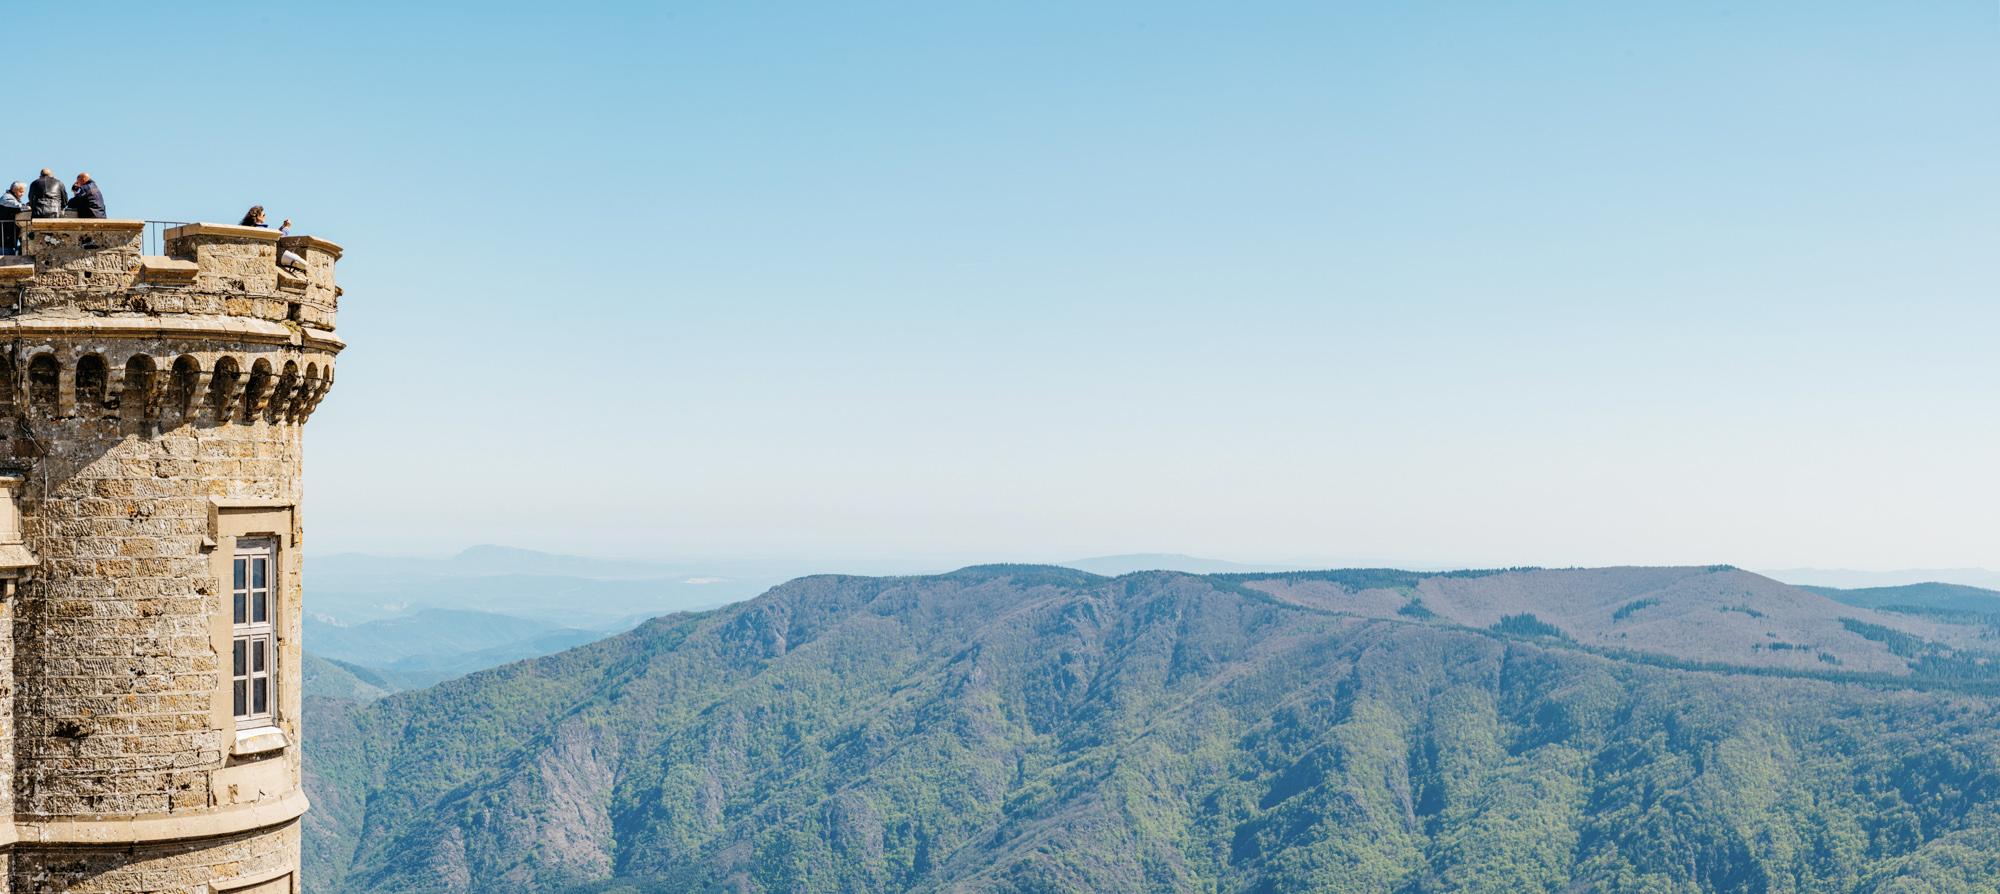 Au sommet du mont Aigoual en Peugeot e-208 de courtoisie !